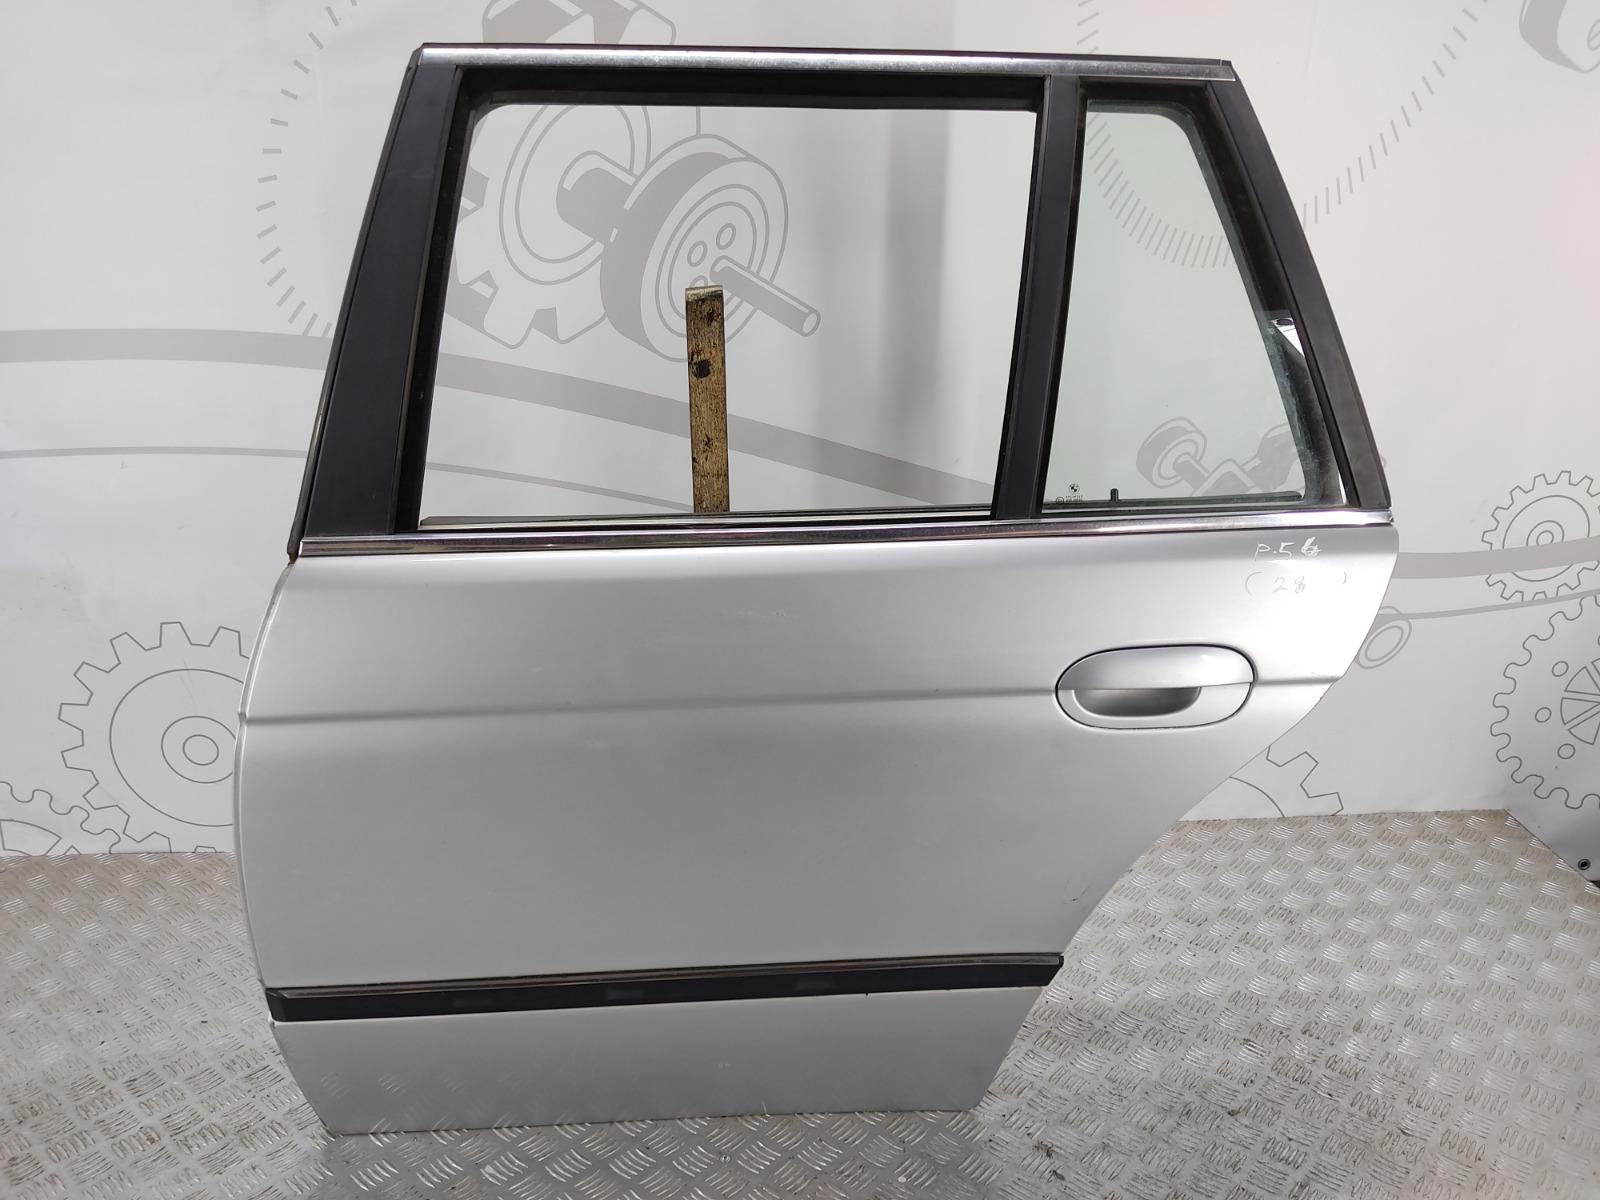 Дверь задняя левая Bmw 5 E39 2.0 I 1999 (б/у)